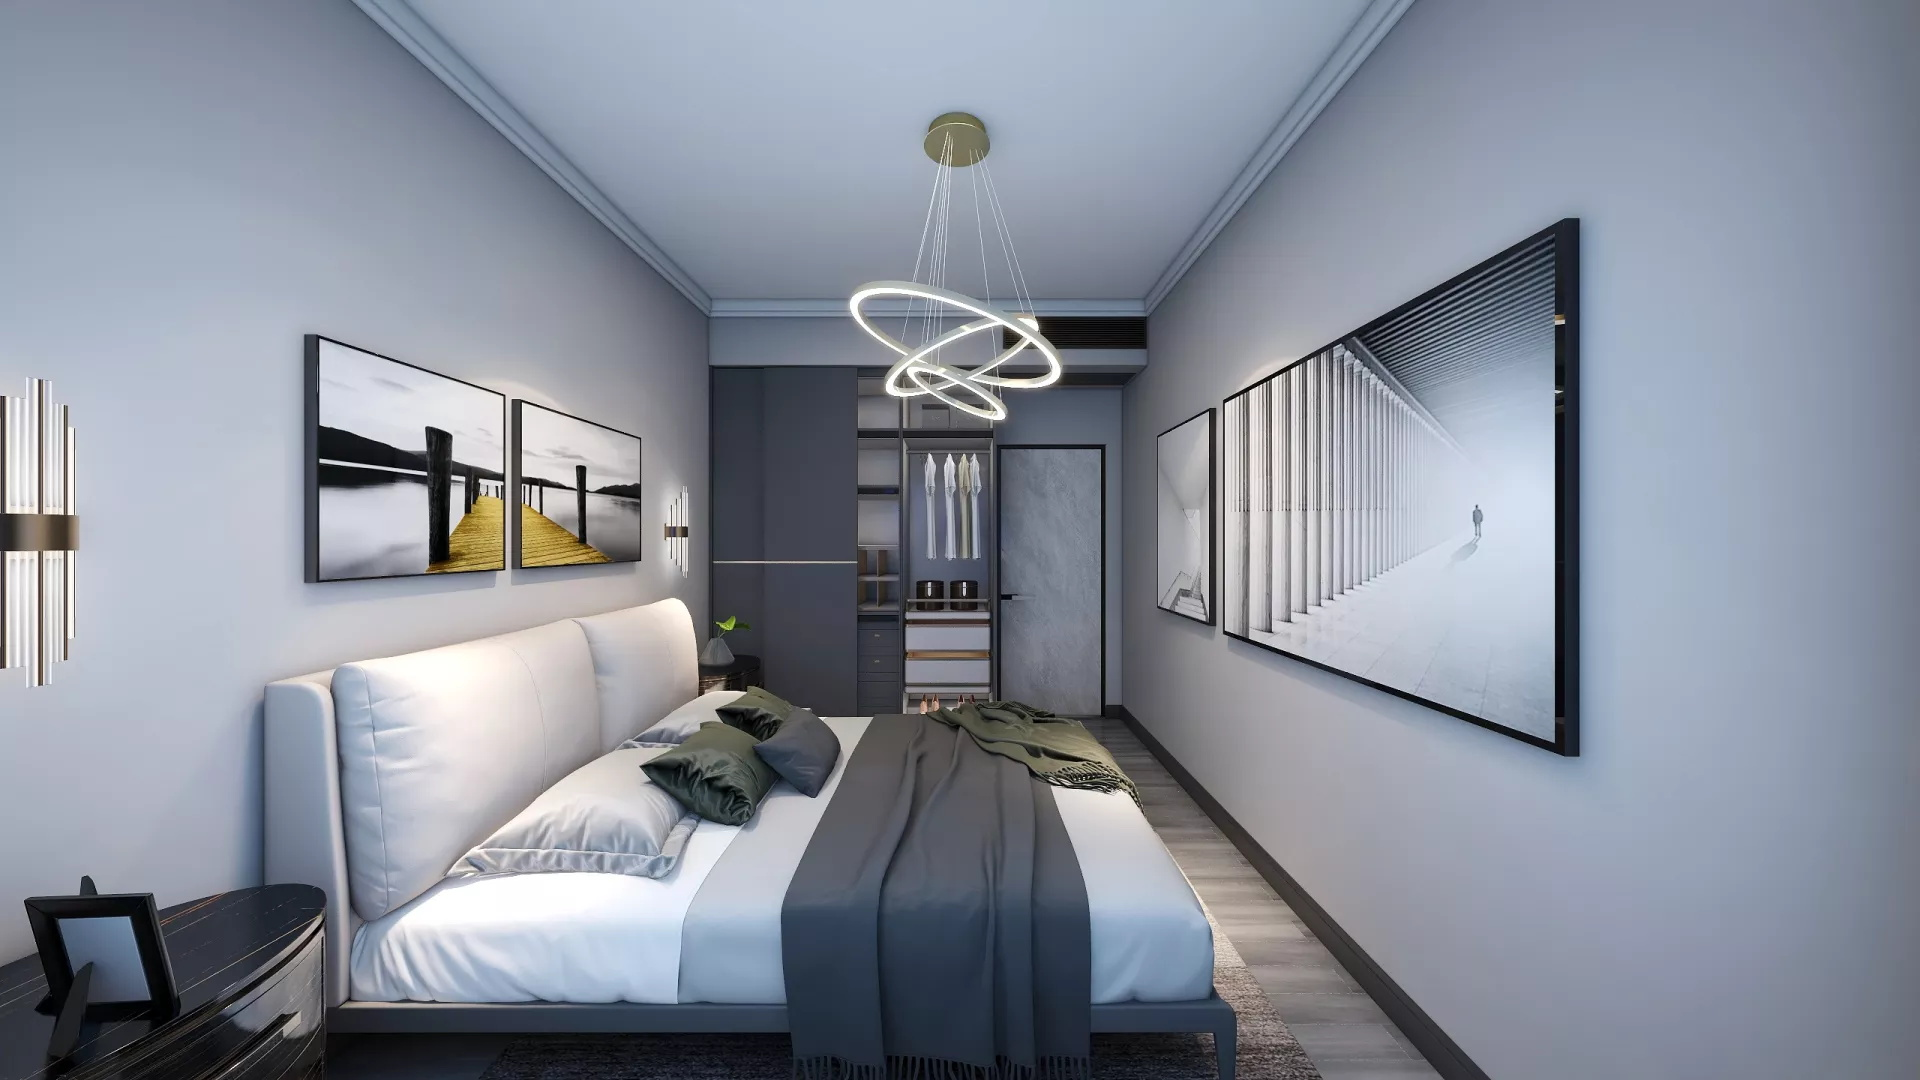 怎么看卧室中的枕头风水 枕头风水禁忌有哪些